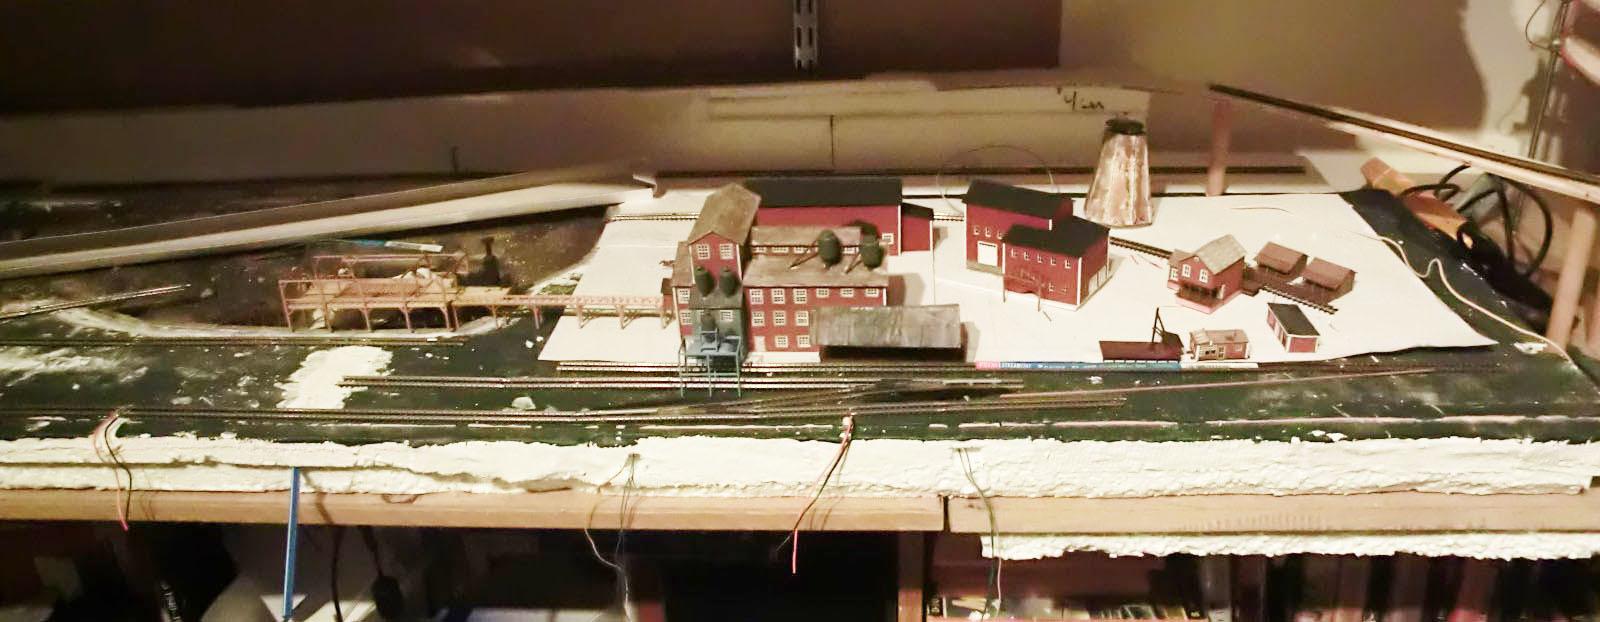 041-Sawmillfront.jpg